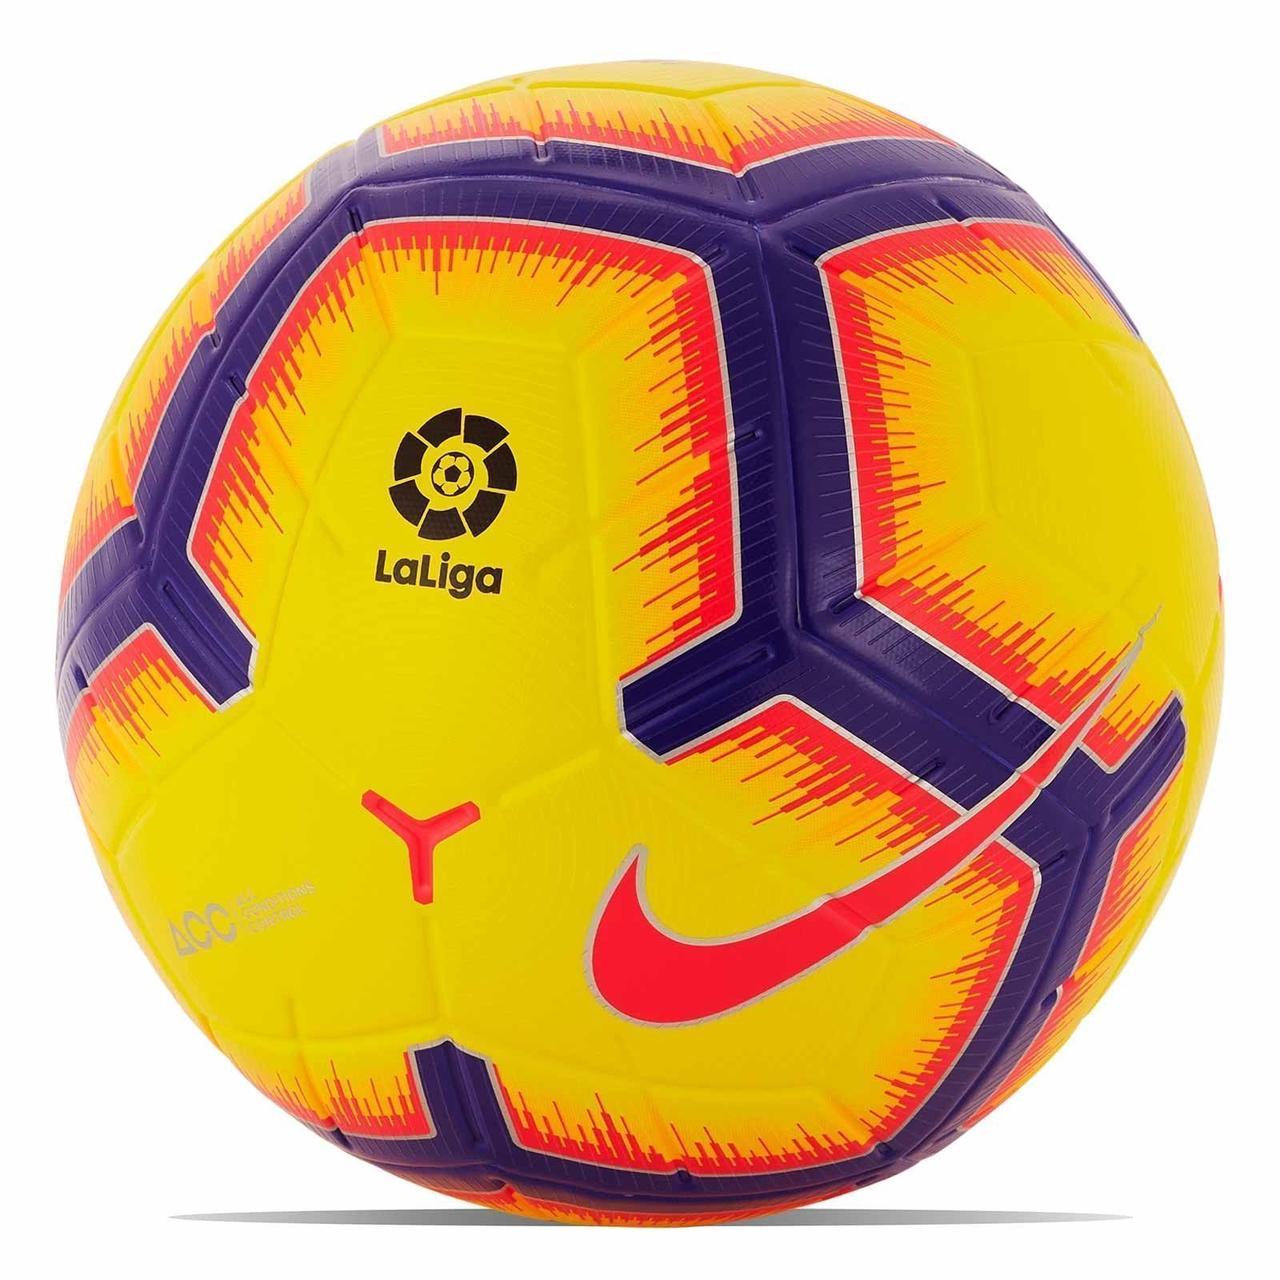 eee61565 Футбольный мяч Nike PL Merlin La Liga 710, цена 2 600 грн., купить в Днепре  — Prom.ua (ID#861996417)